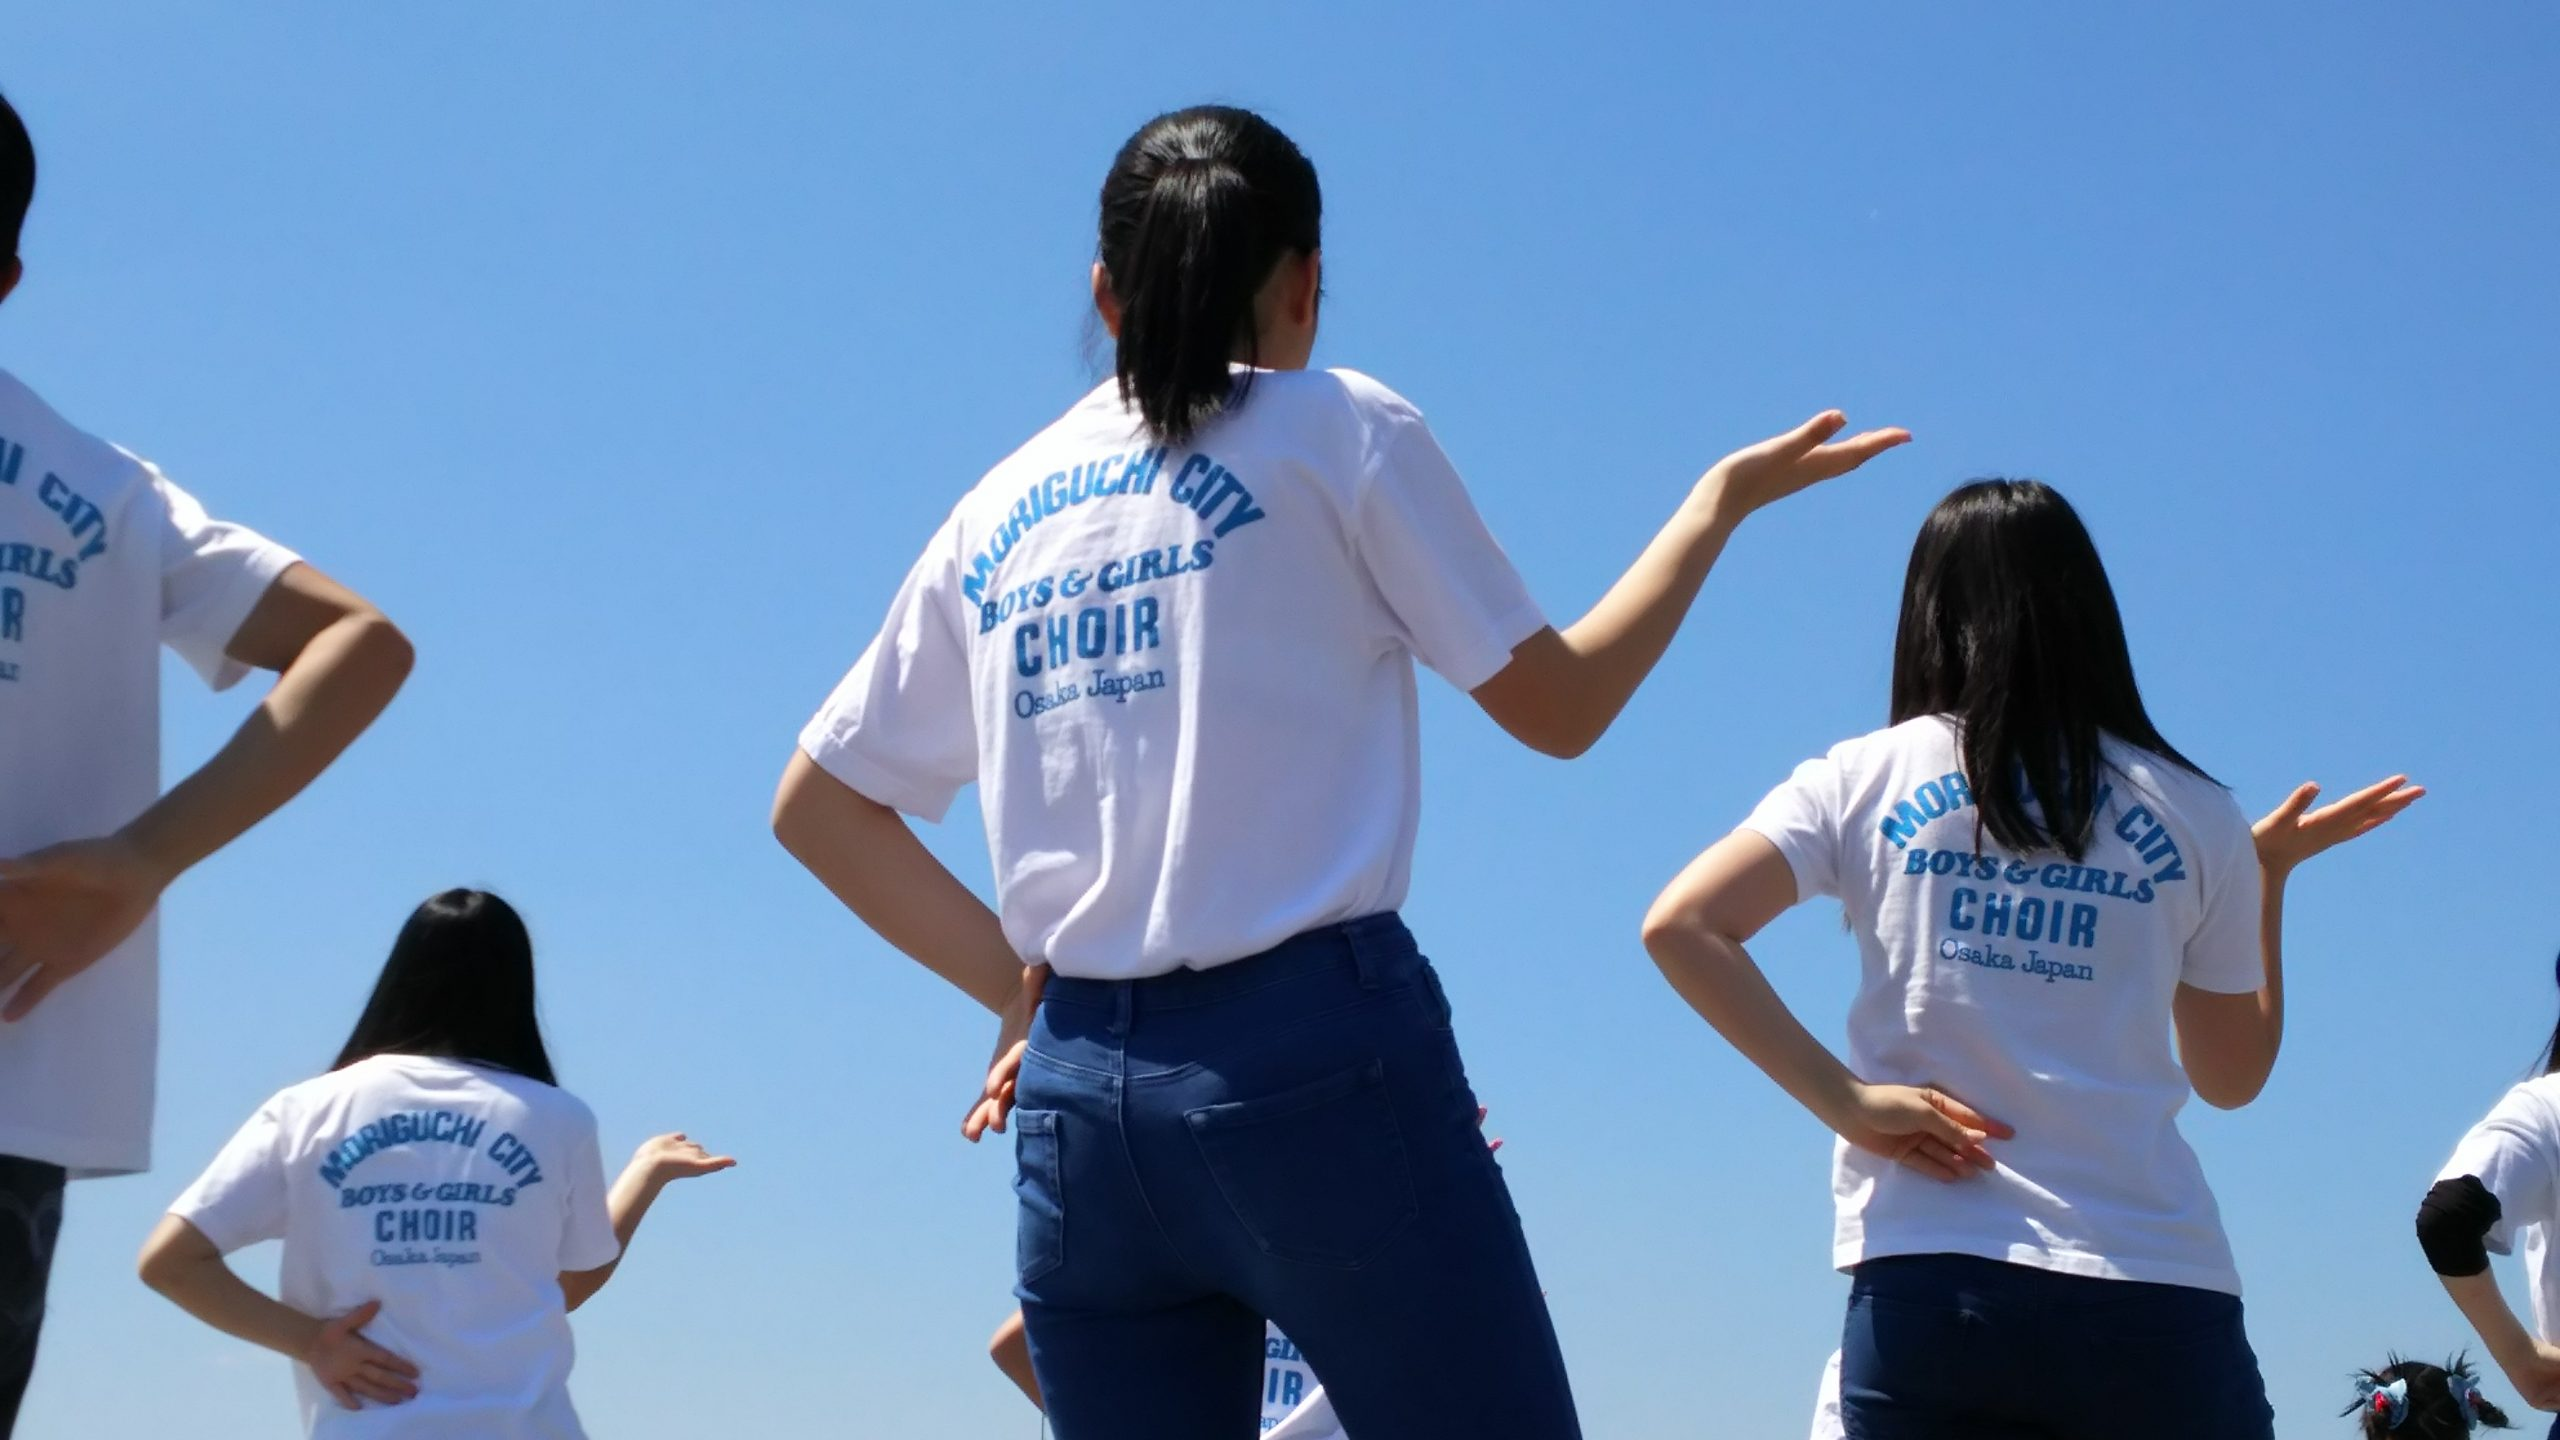 守口市少年少女合唱団